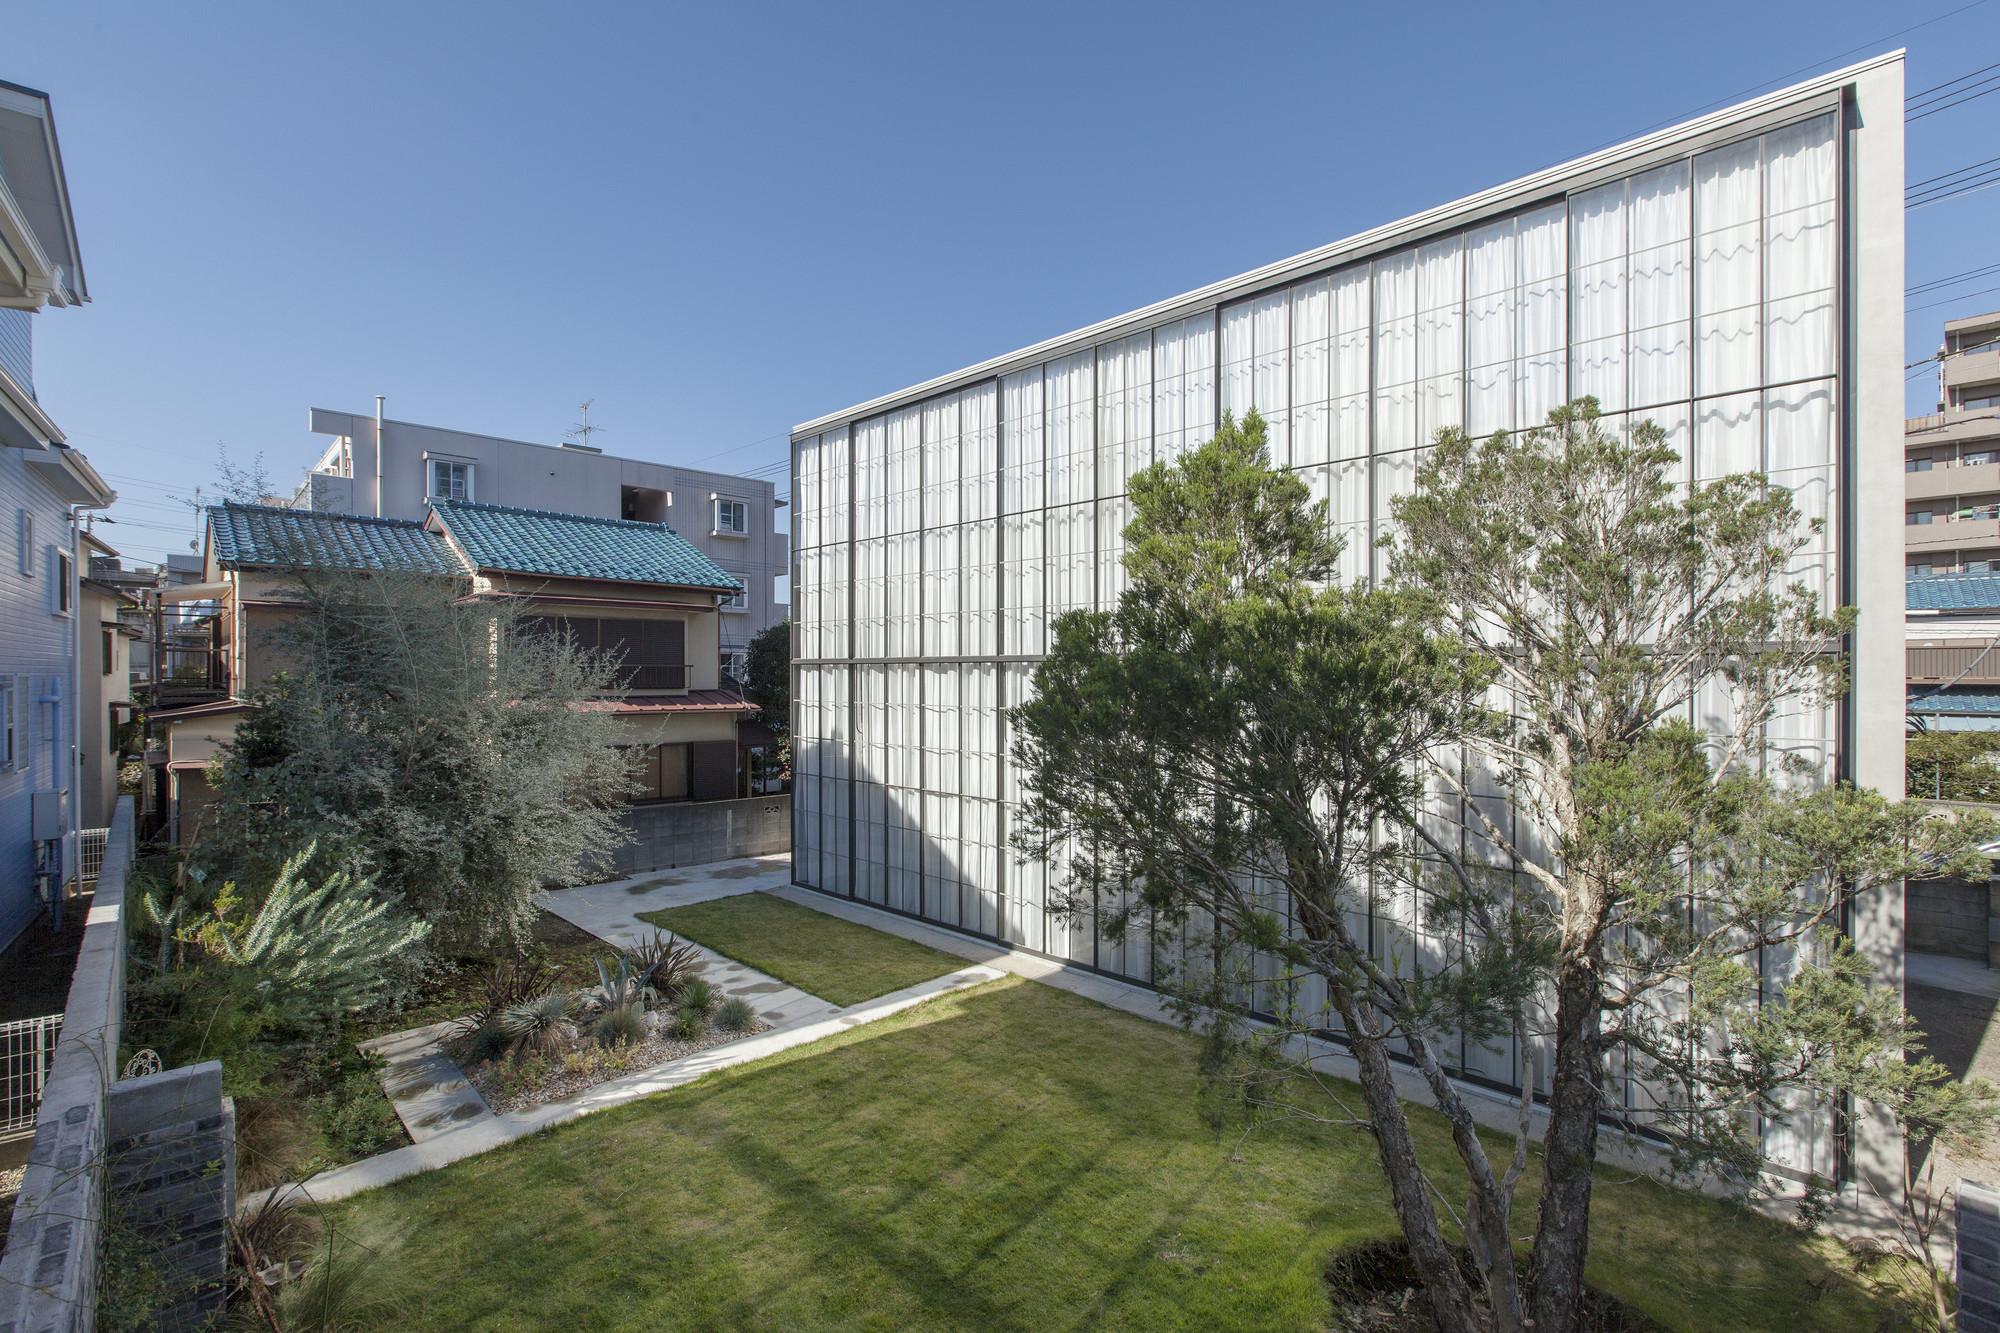 """2014 AR """"Emerging Architecture Awards"""" anuncia sus ganadores, """"Ventana frontera"""" de Masuda + Otsubo. Imágen cortesía de Shingo Masuda + Katsuhisa Otsubo Architects"""